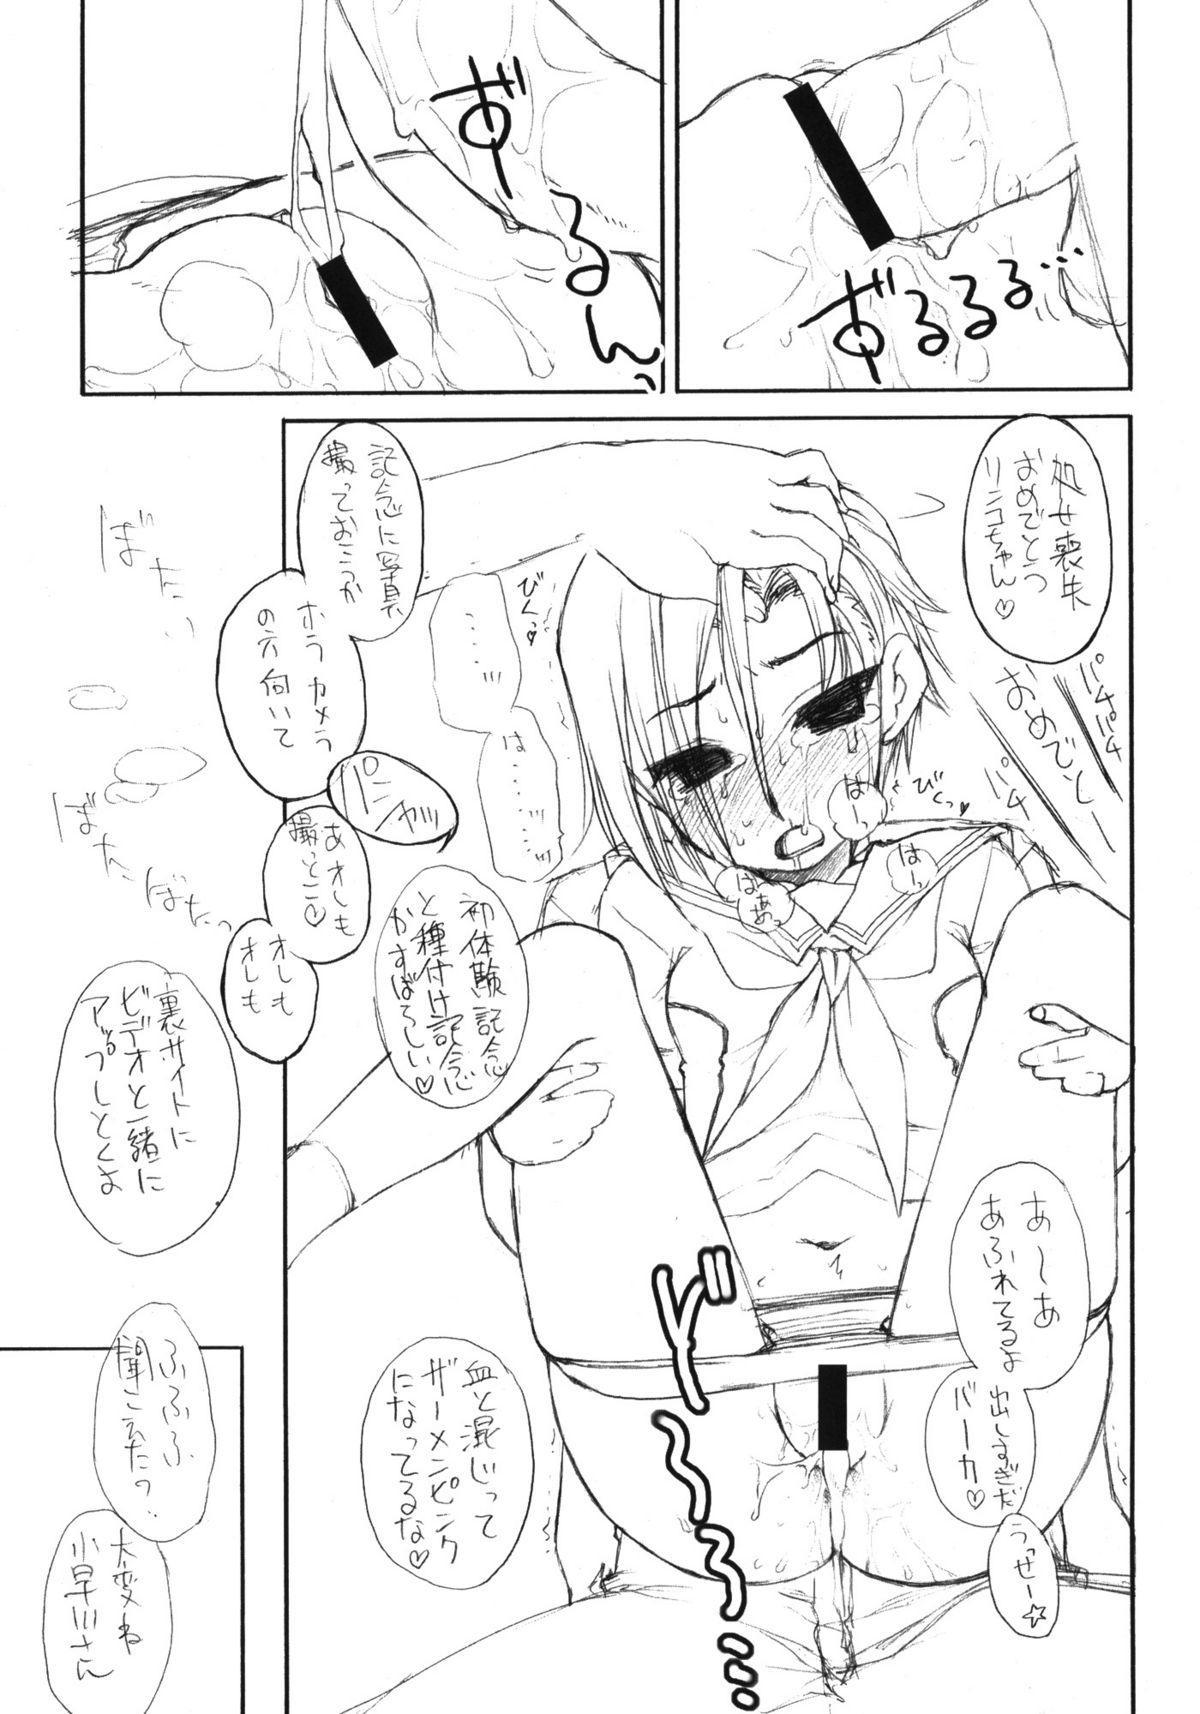 Rinko wa Nakadashi ga Ichiban Kanjirundesu. + Paper 25